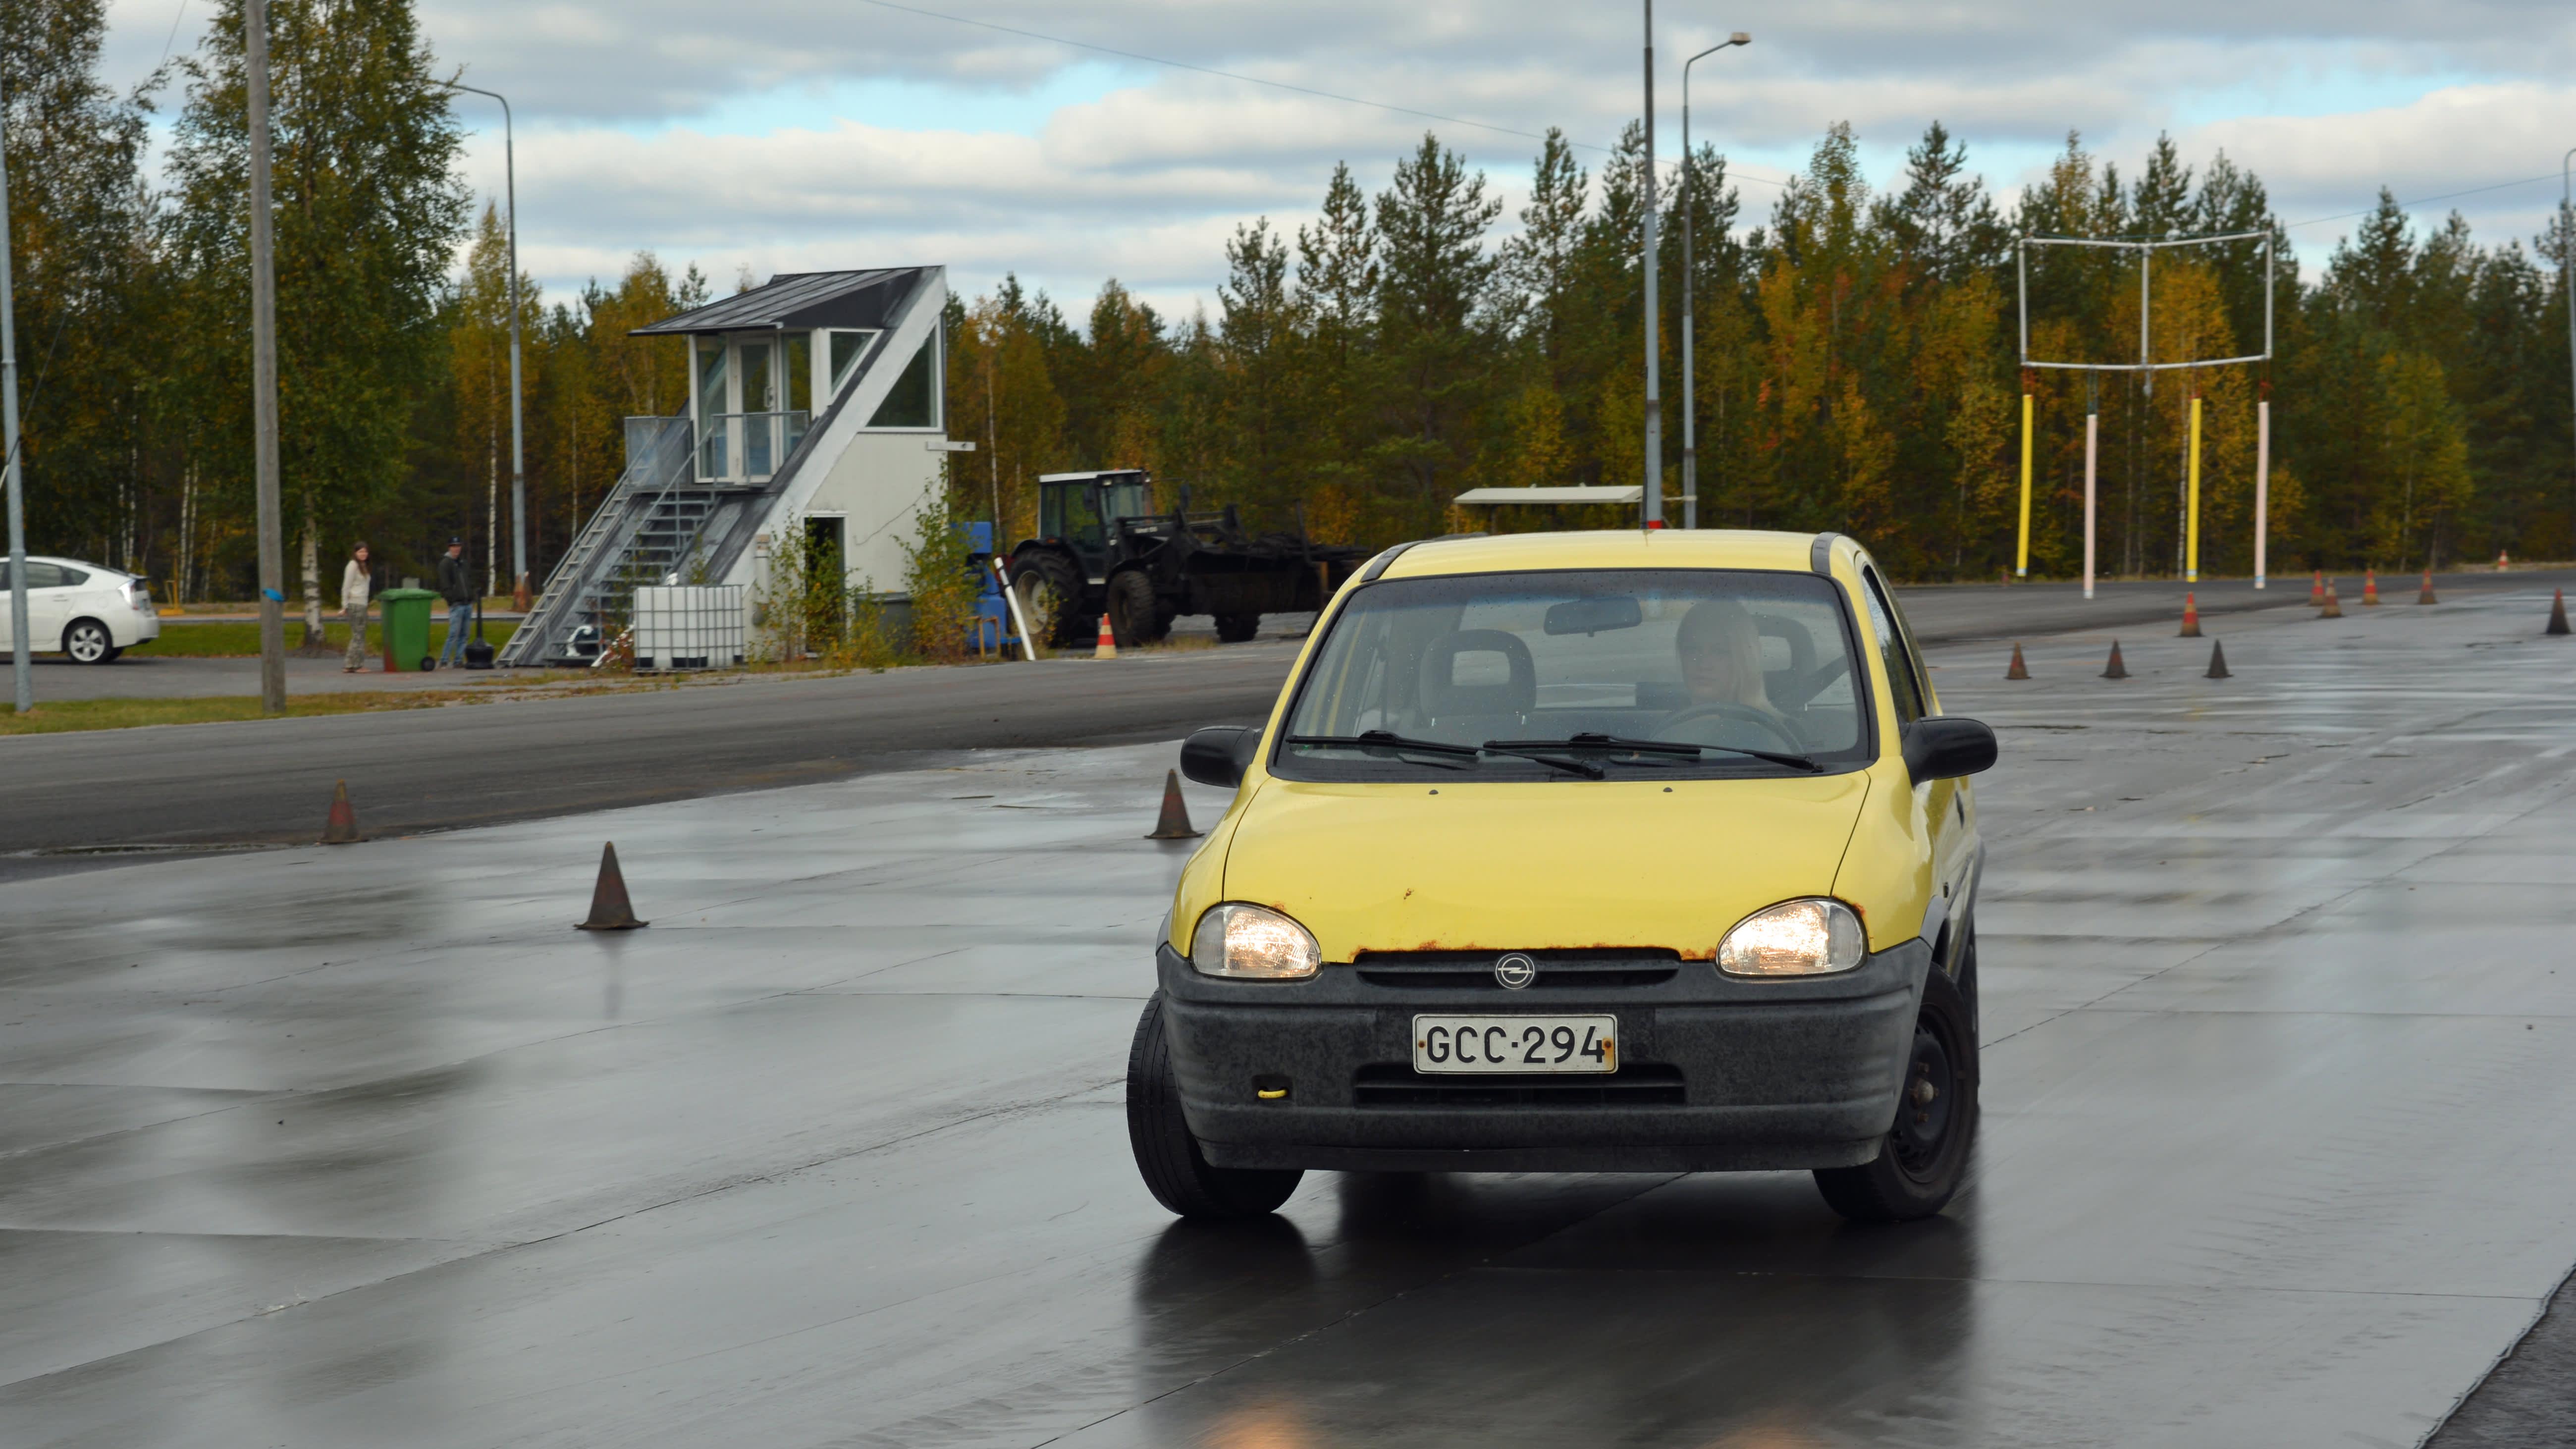 Lukkiutuvilla jarruilla auto lähtee helposti sivuttaiseen liukuun.